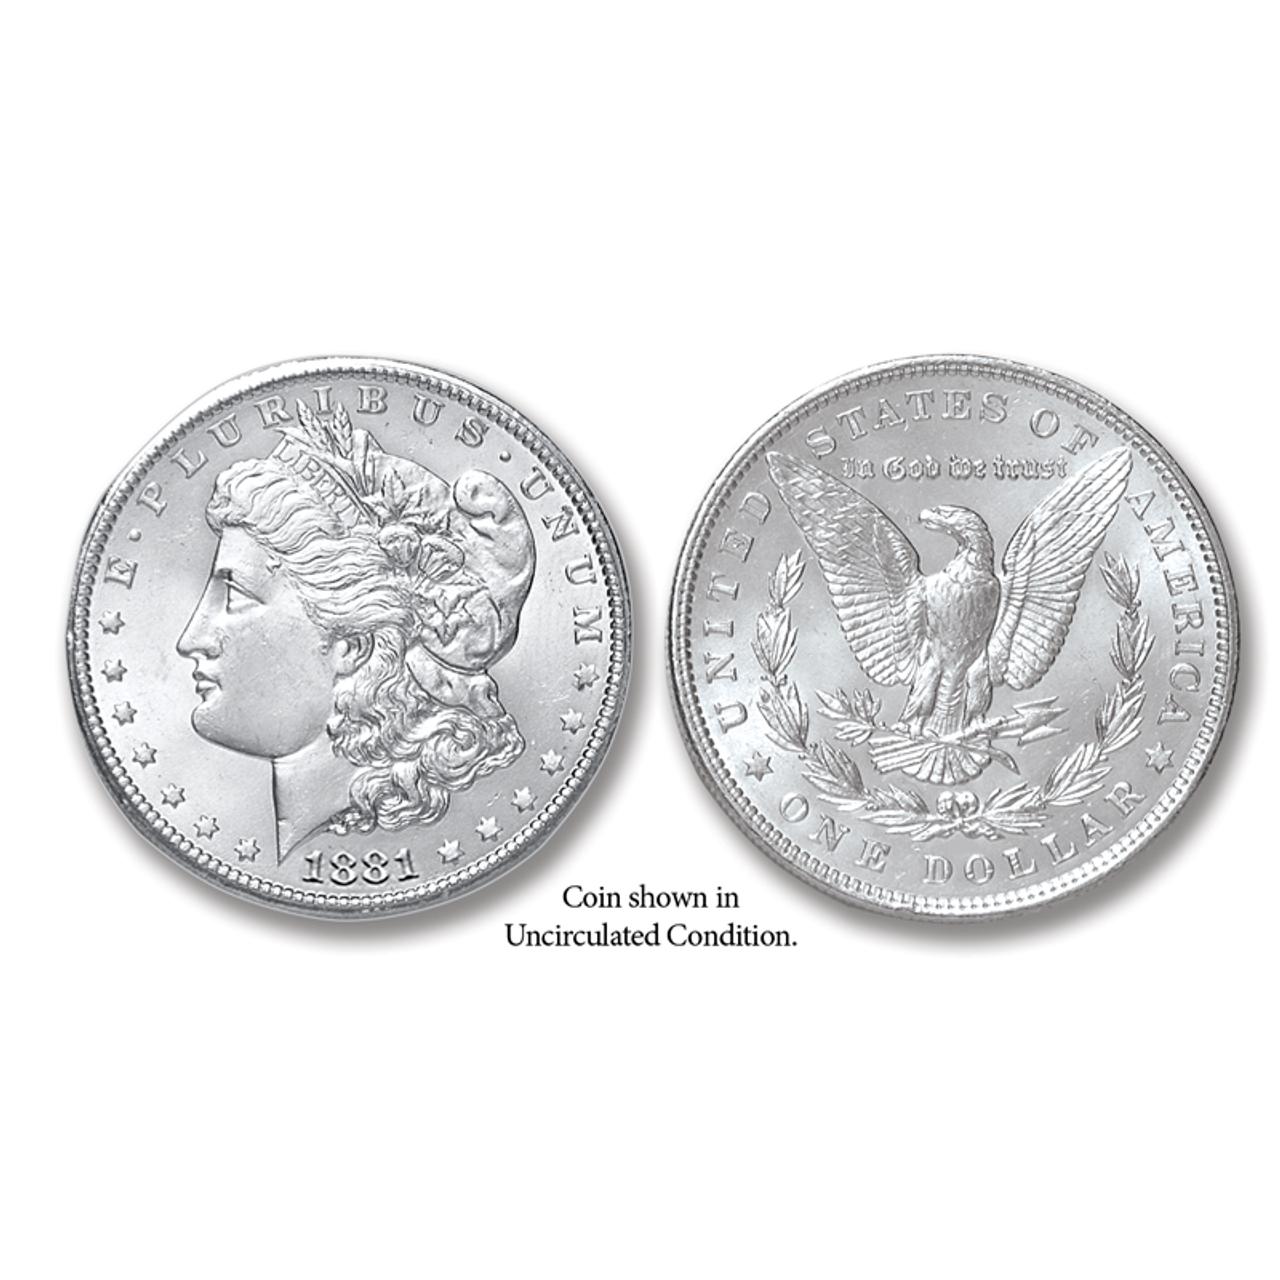 1881-P Morgan Silver Dollar - Collector's Circulated Condition